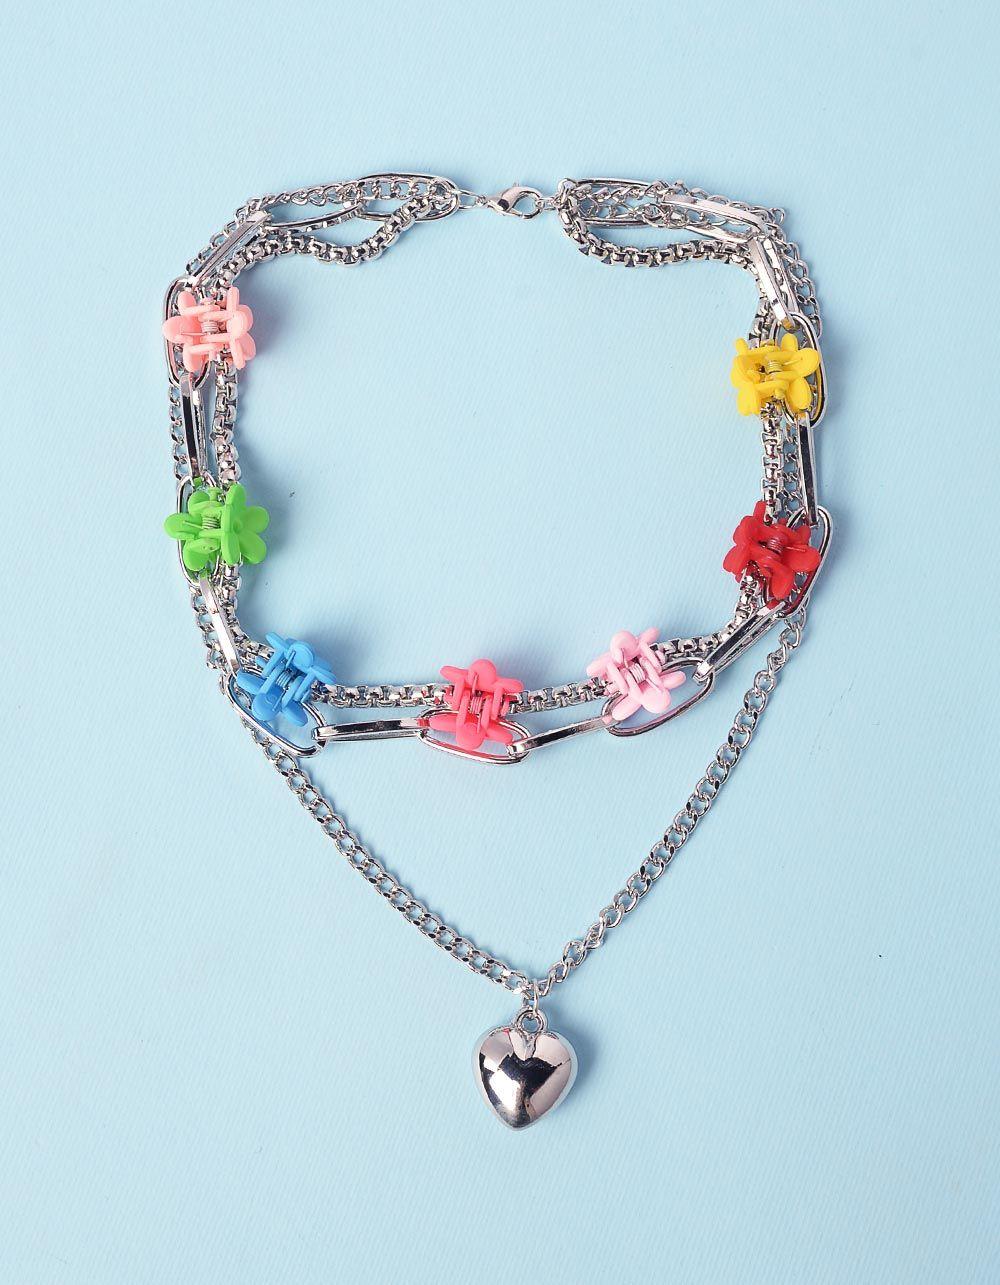 Підвіска із ланцюжків з кулоном у вигляді серця | 238714-21-XX